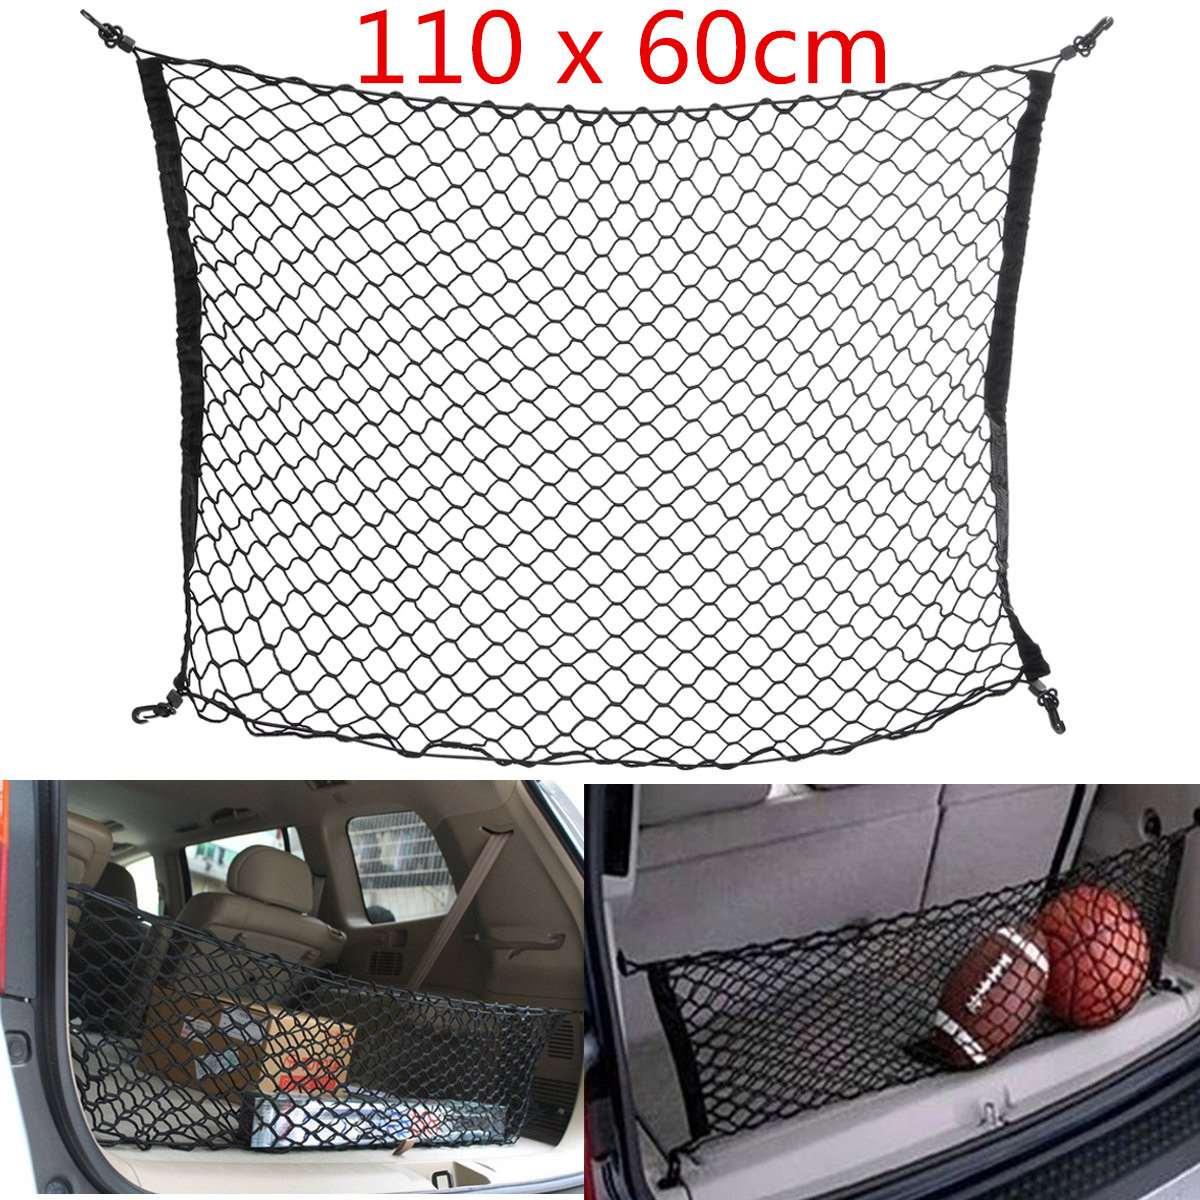 110x60 cm Auto SUV Transport Ordentlich Nylon Net Stamm Aufbewahrungsbox Organizer Gepäck Universal Black Auto Zubehör Netze